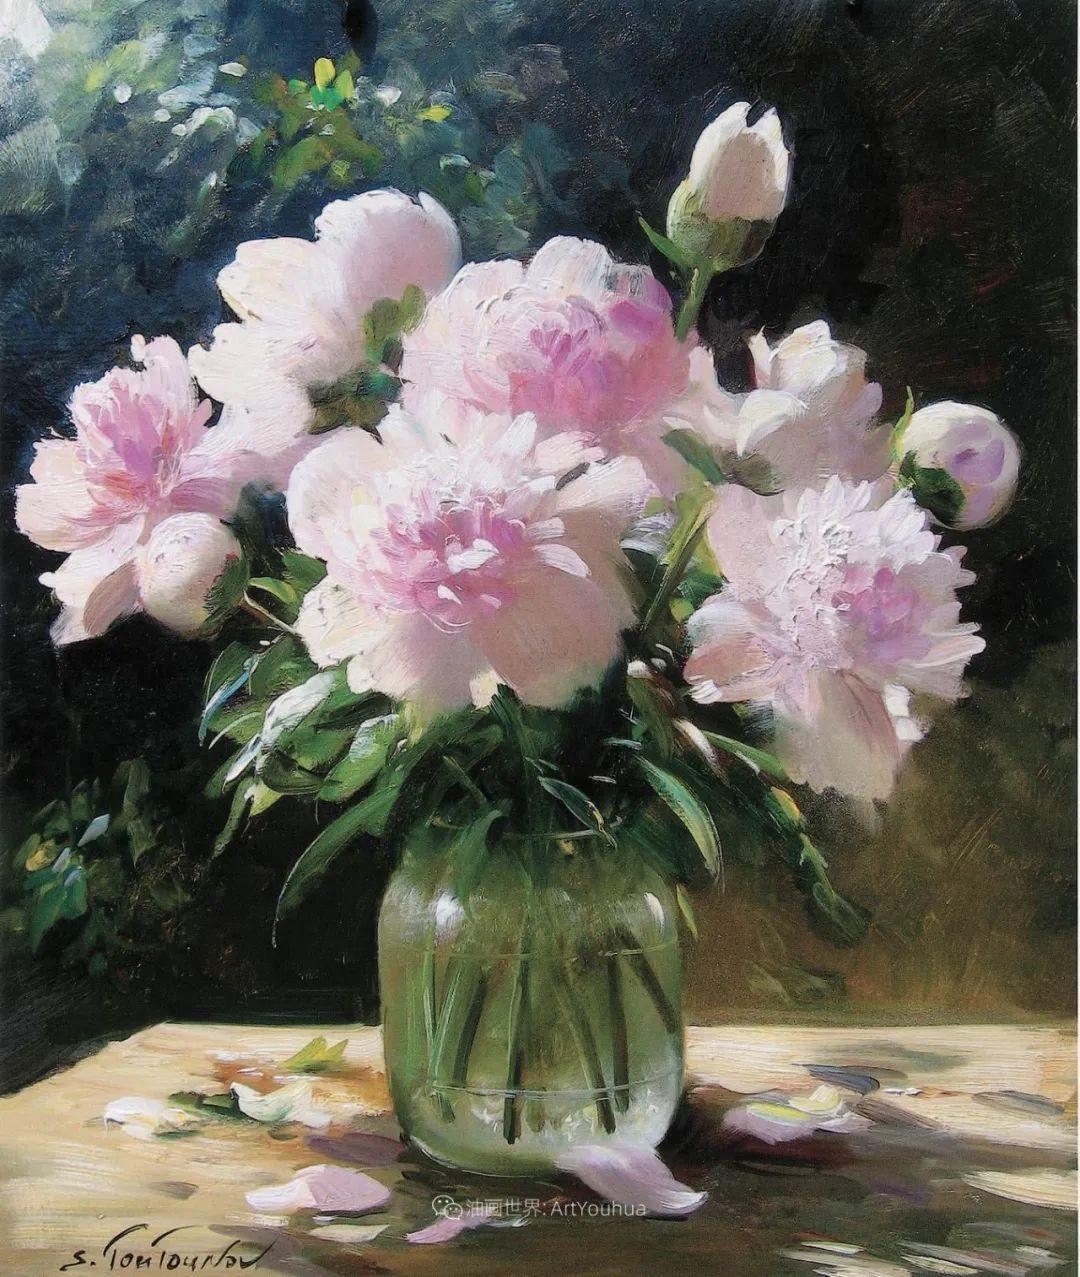 花香袭人,绚丽多彩!俄罗斯画家谢尔盖·图图诺夫插图65